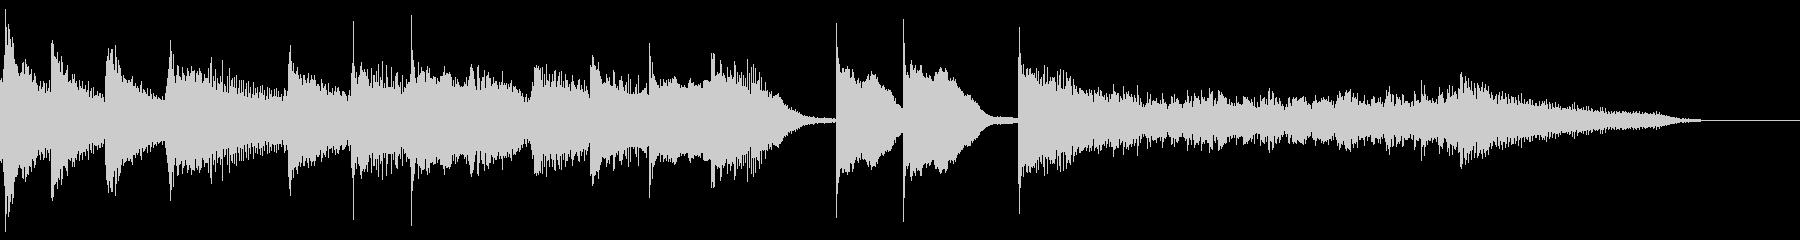 ブルース エンディング ピアノ ジングルの未再生の波形